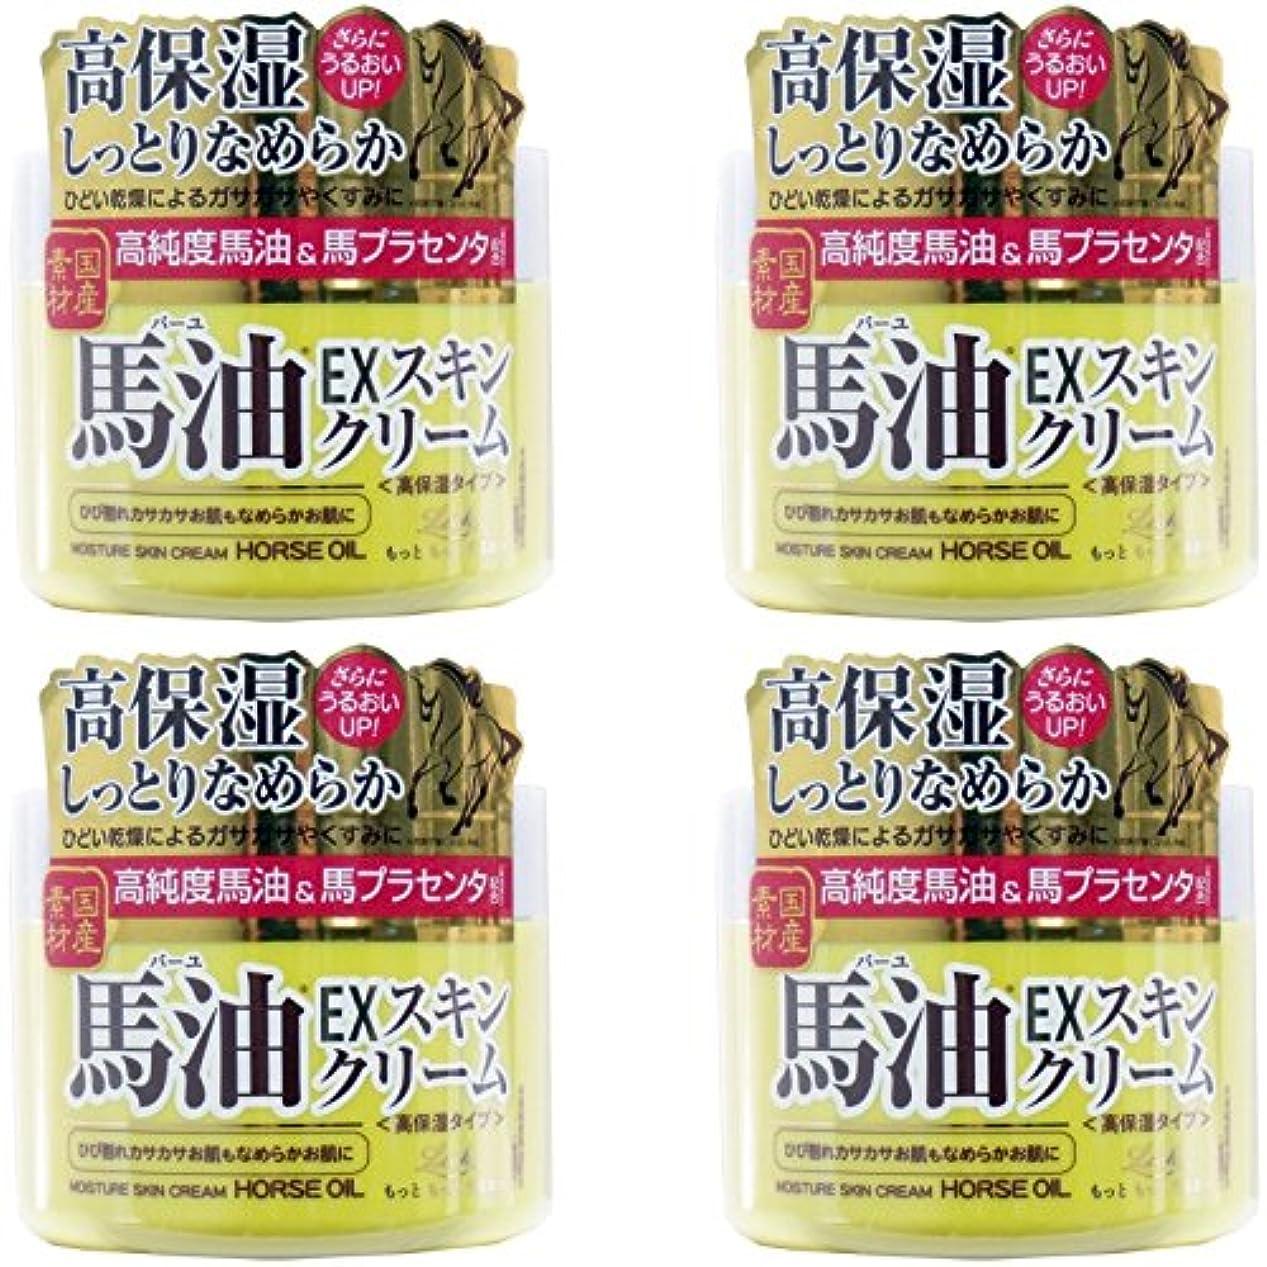 【まとめ買い】ロッシモイストエイド EXスキンクリームBA 100G【×4個】